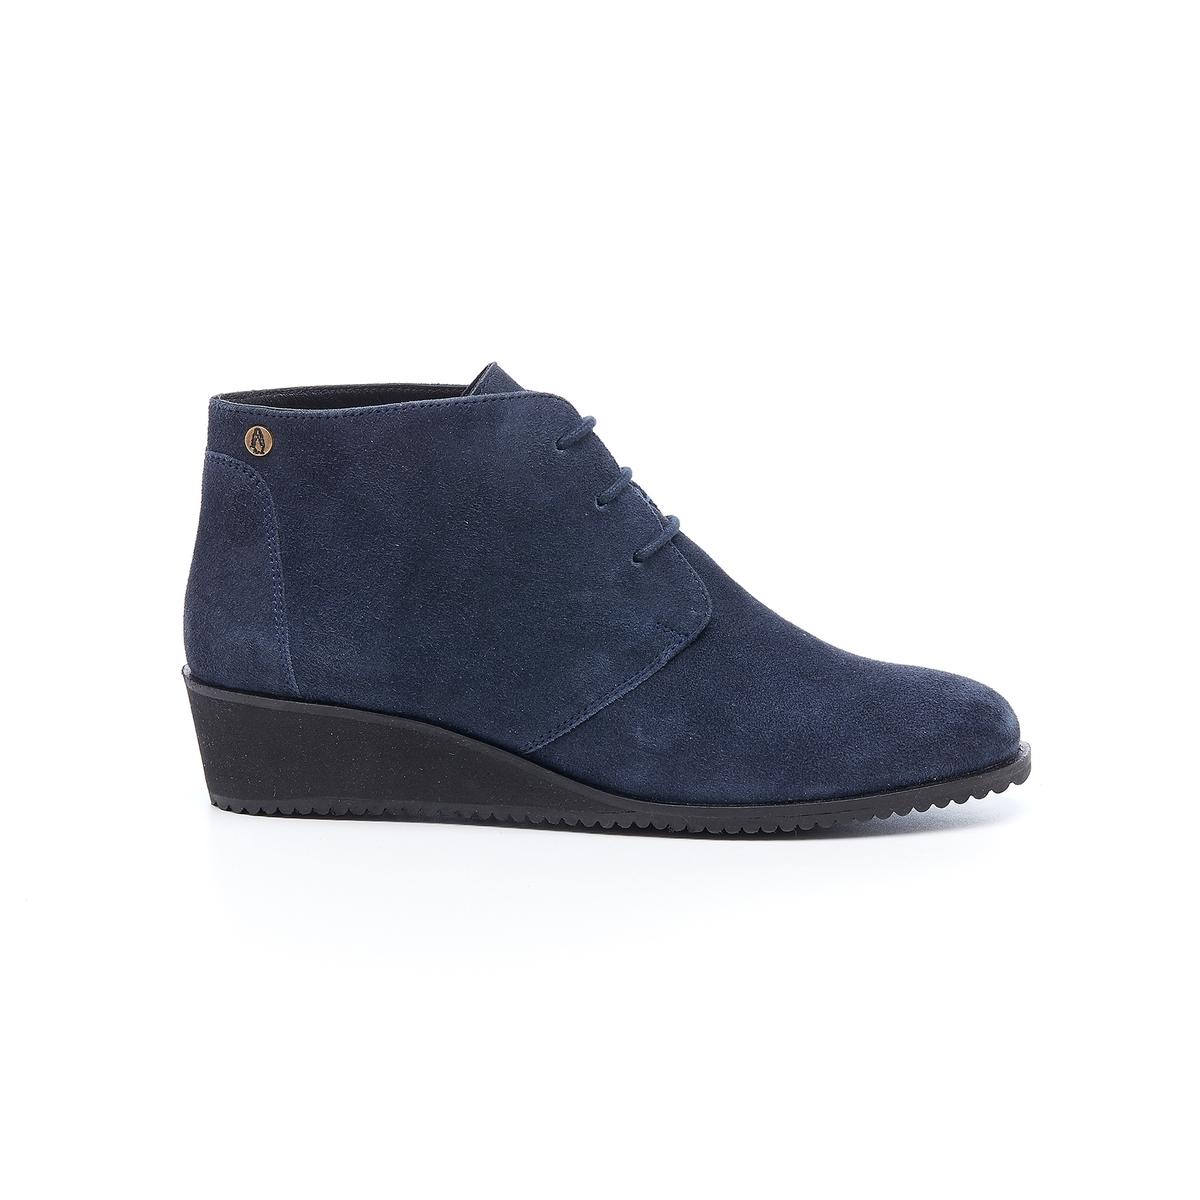 Ботинки кожаные на шнуровке ColaliДетали •  Застежка : шнуровка •  Круглый мысок •  Велюровая отделка, нубукСостав и уход •  Верх 100% замша •  Подкладка 100% кожа •  Стелька 100% кожа •  Подошва 100% каучук<br><br>Цвет: темно-синий